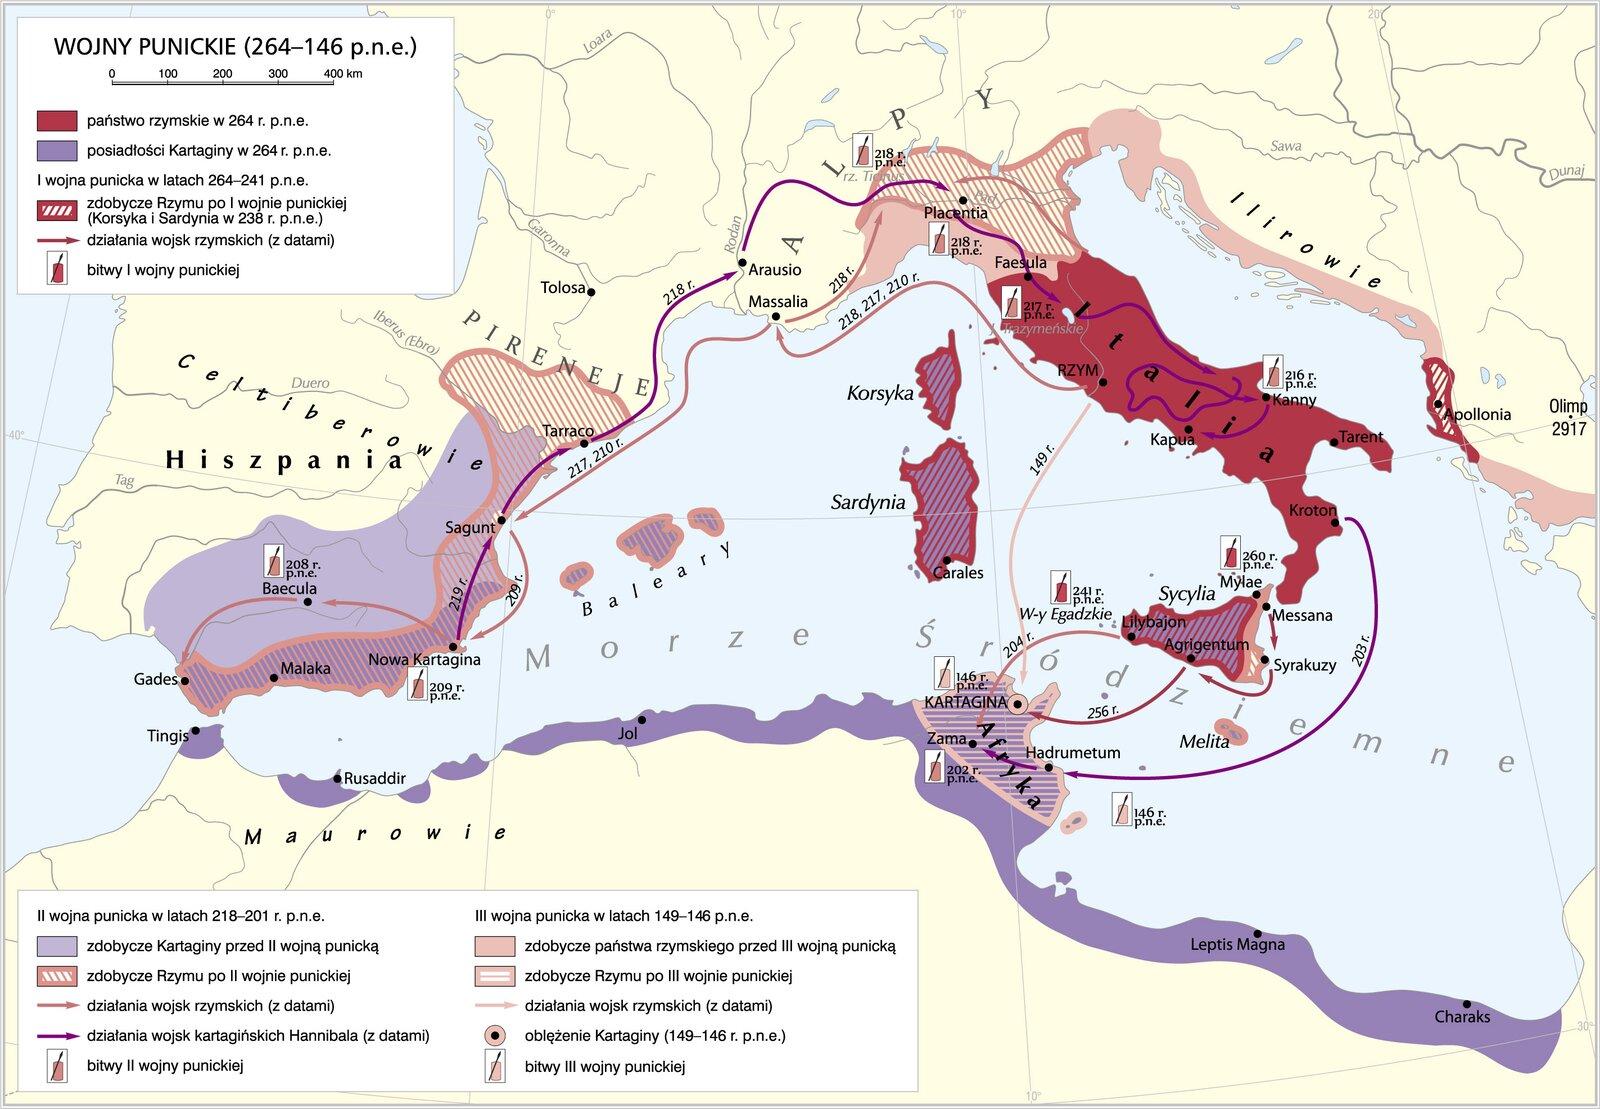 Wojny punickie Wojny punickie Źródło: Krystian Chariza izespół.